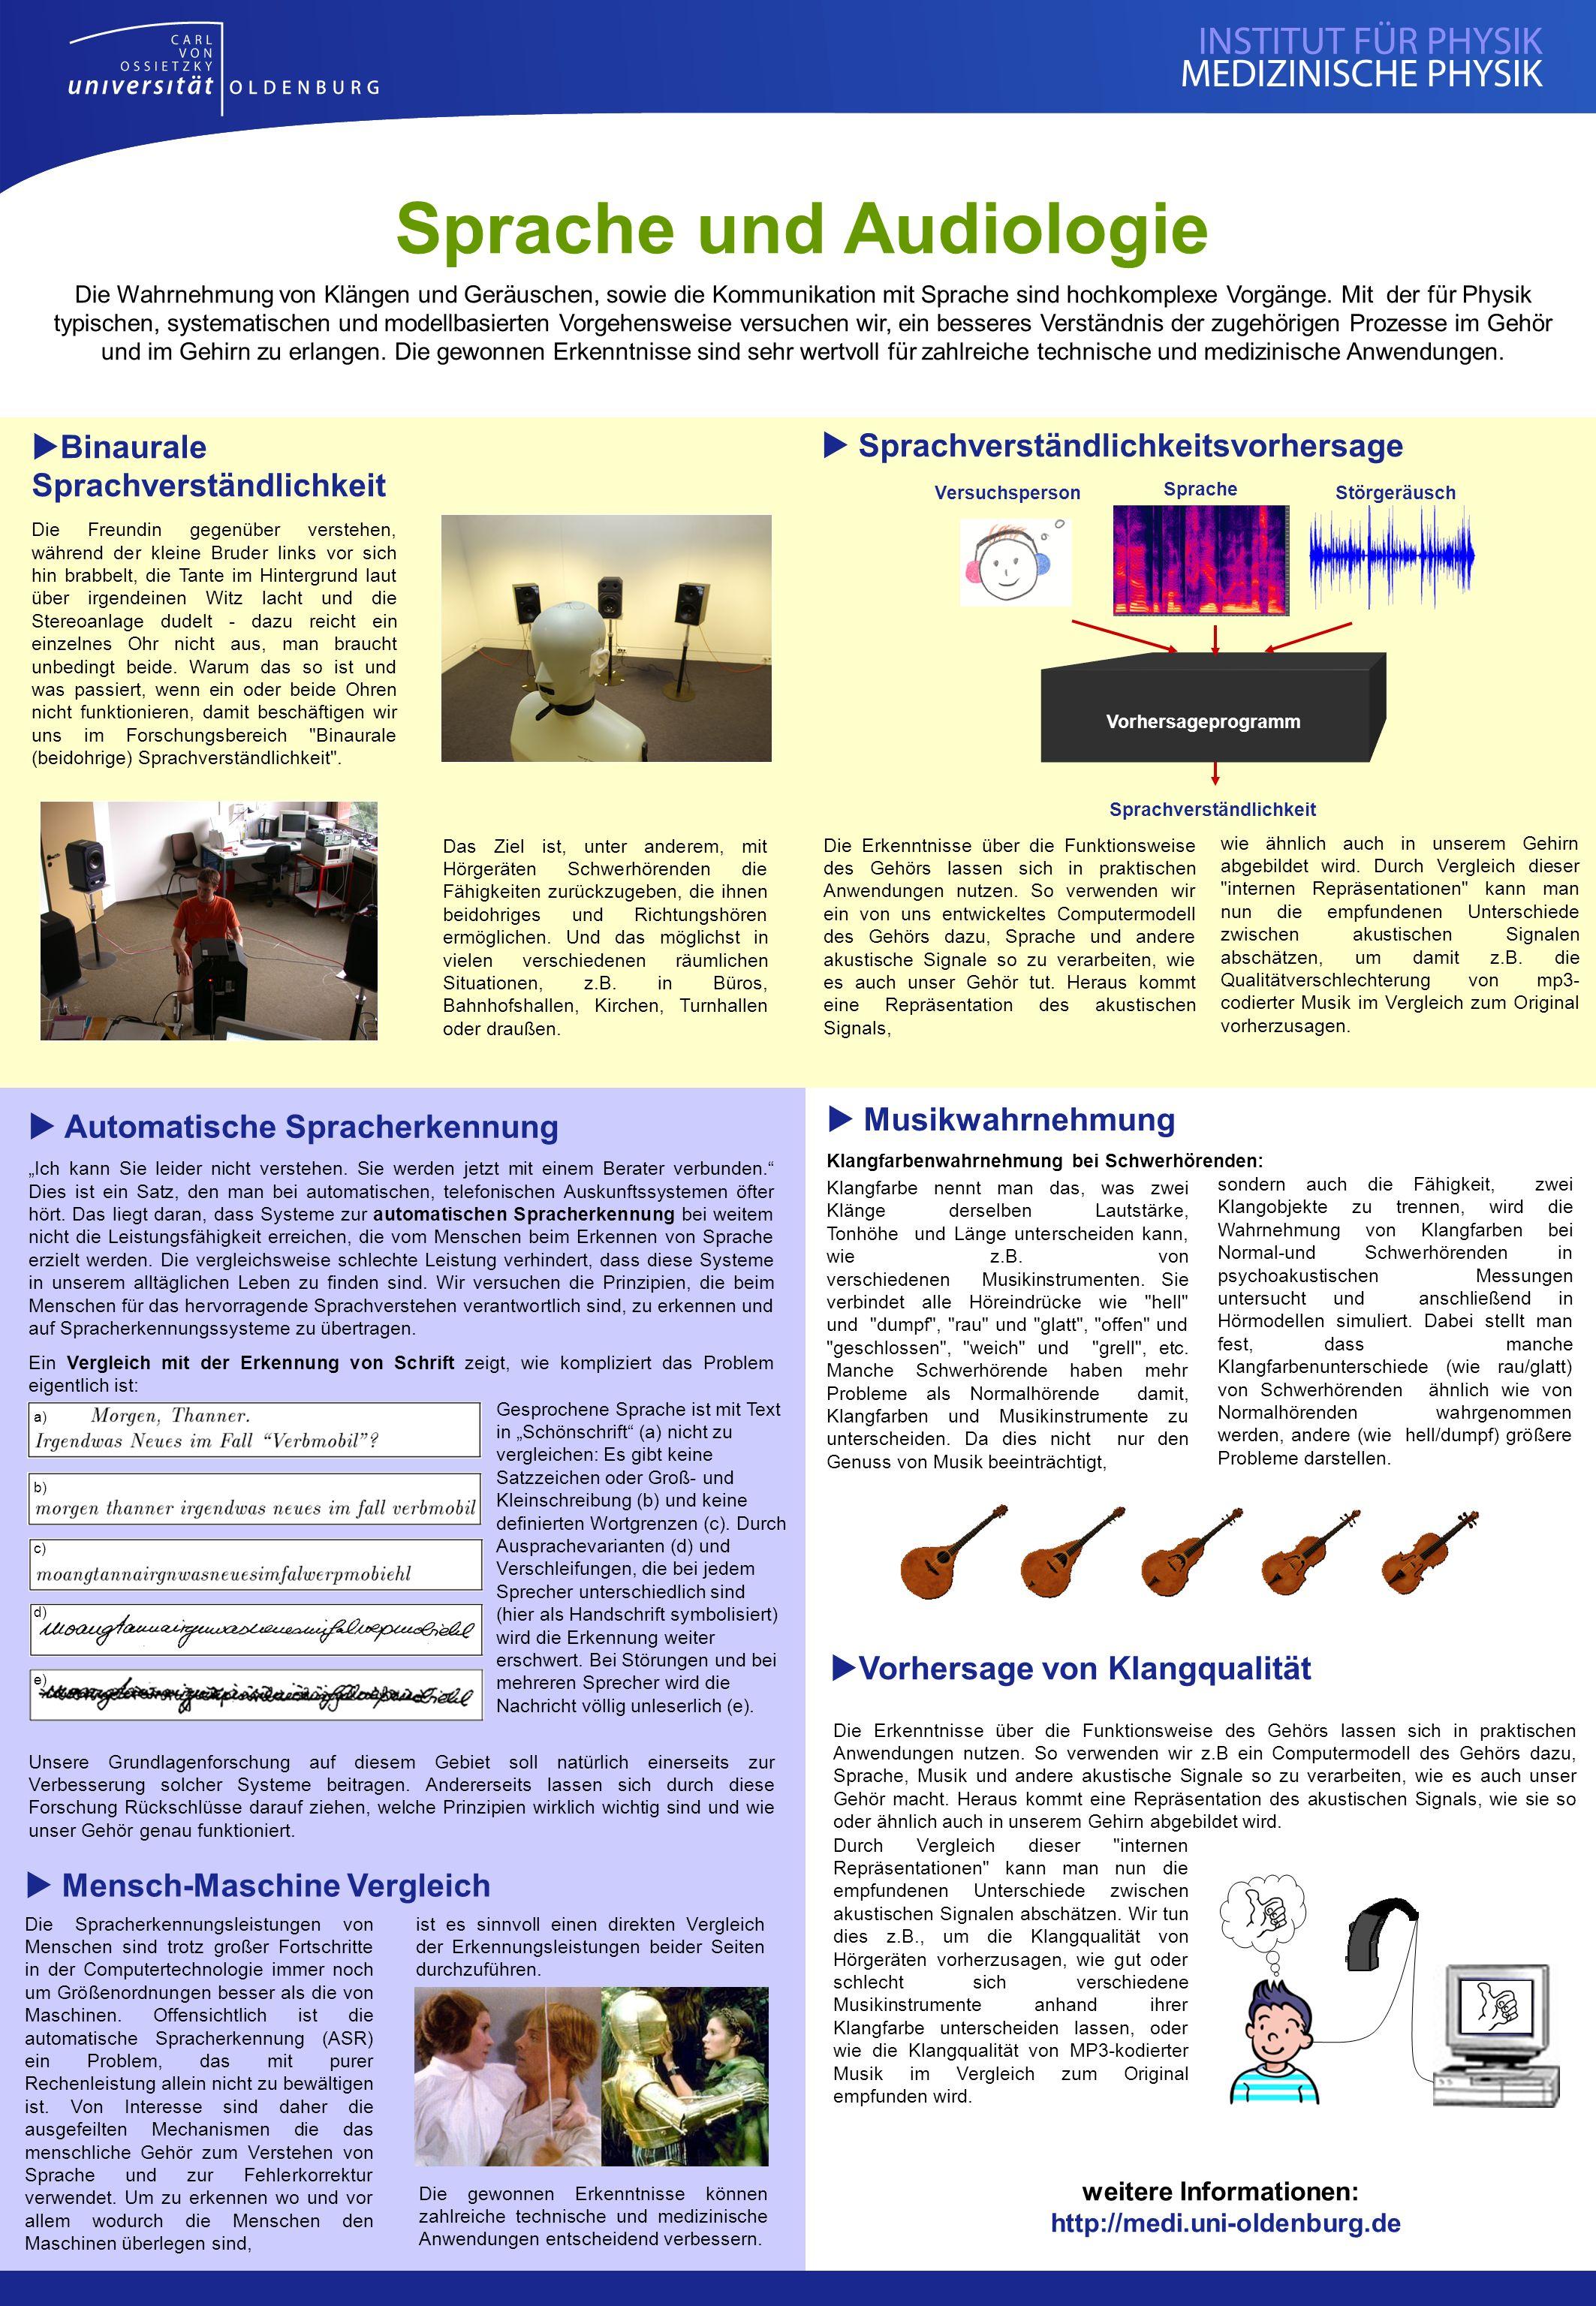 Sprache und Audiologie weitere Informationen: